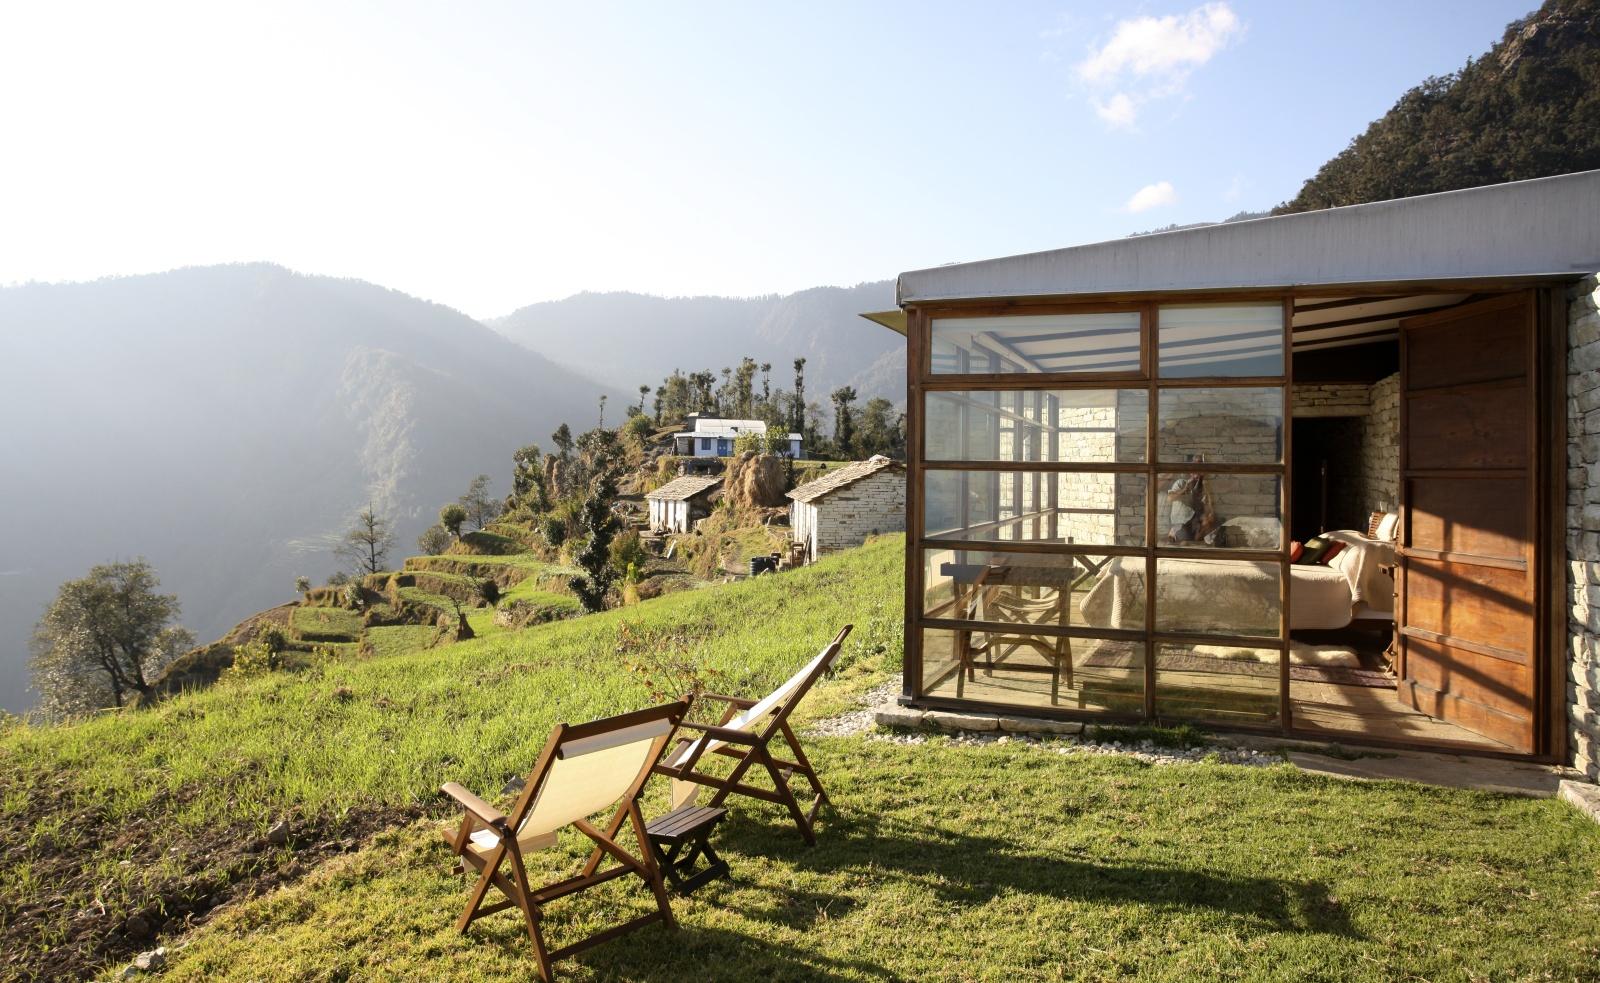 Shakti 360 leti for Mtn house